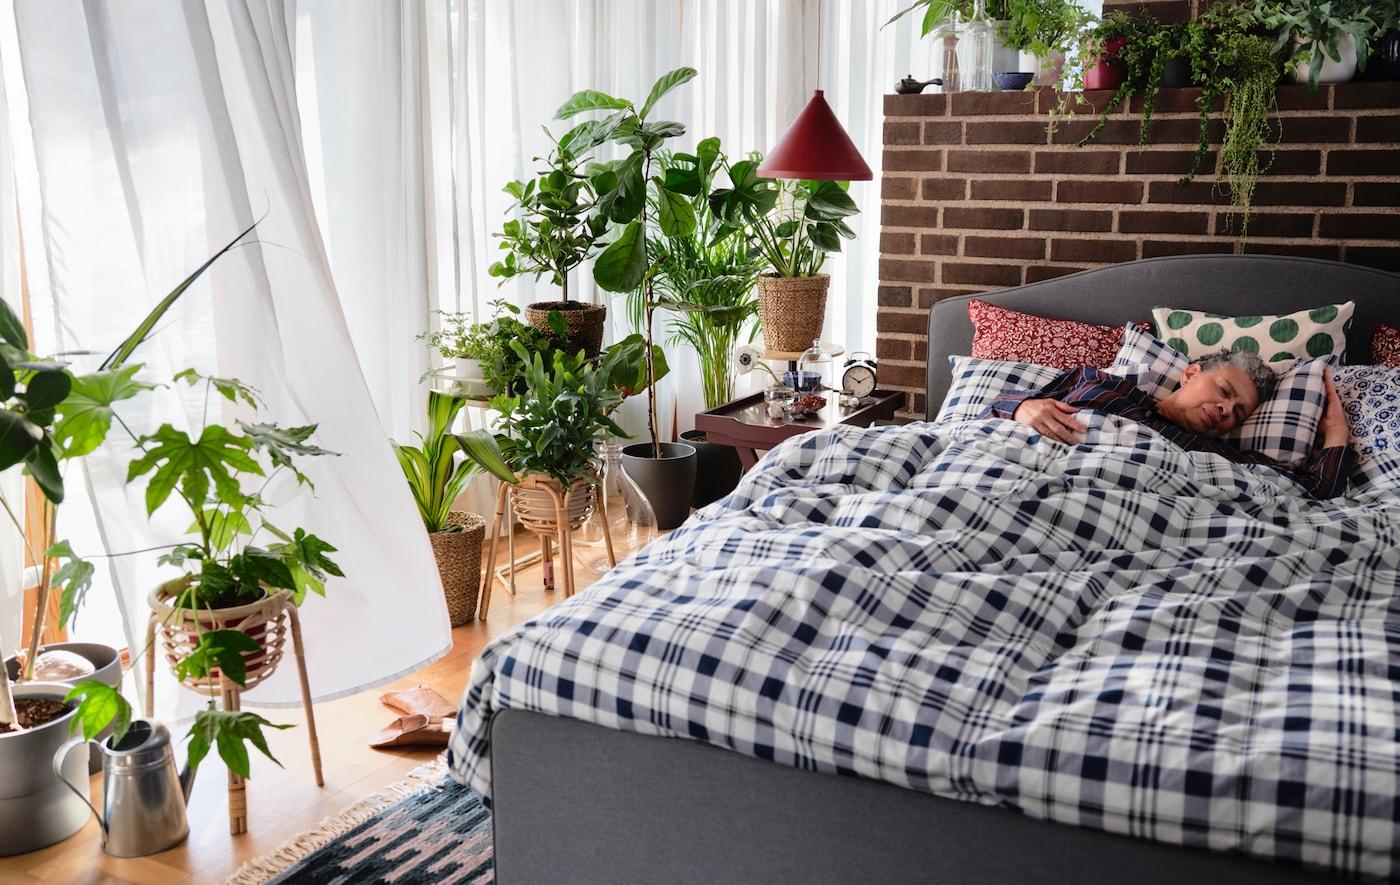 Eine Frau liegt entspannt in einem HAUGA Bettgestell, auf dem karierte Bettwäsche zu sehen ist. Das Bett ist umgeben von Zimmerpflanzen. Am Fenster hängen weiße Gardinen.